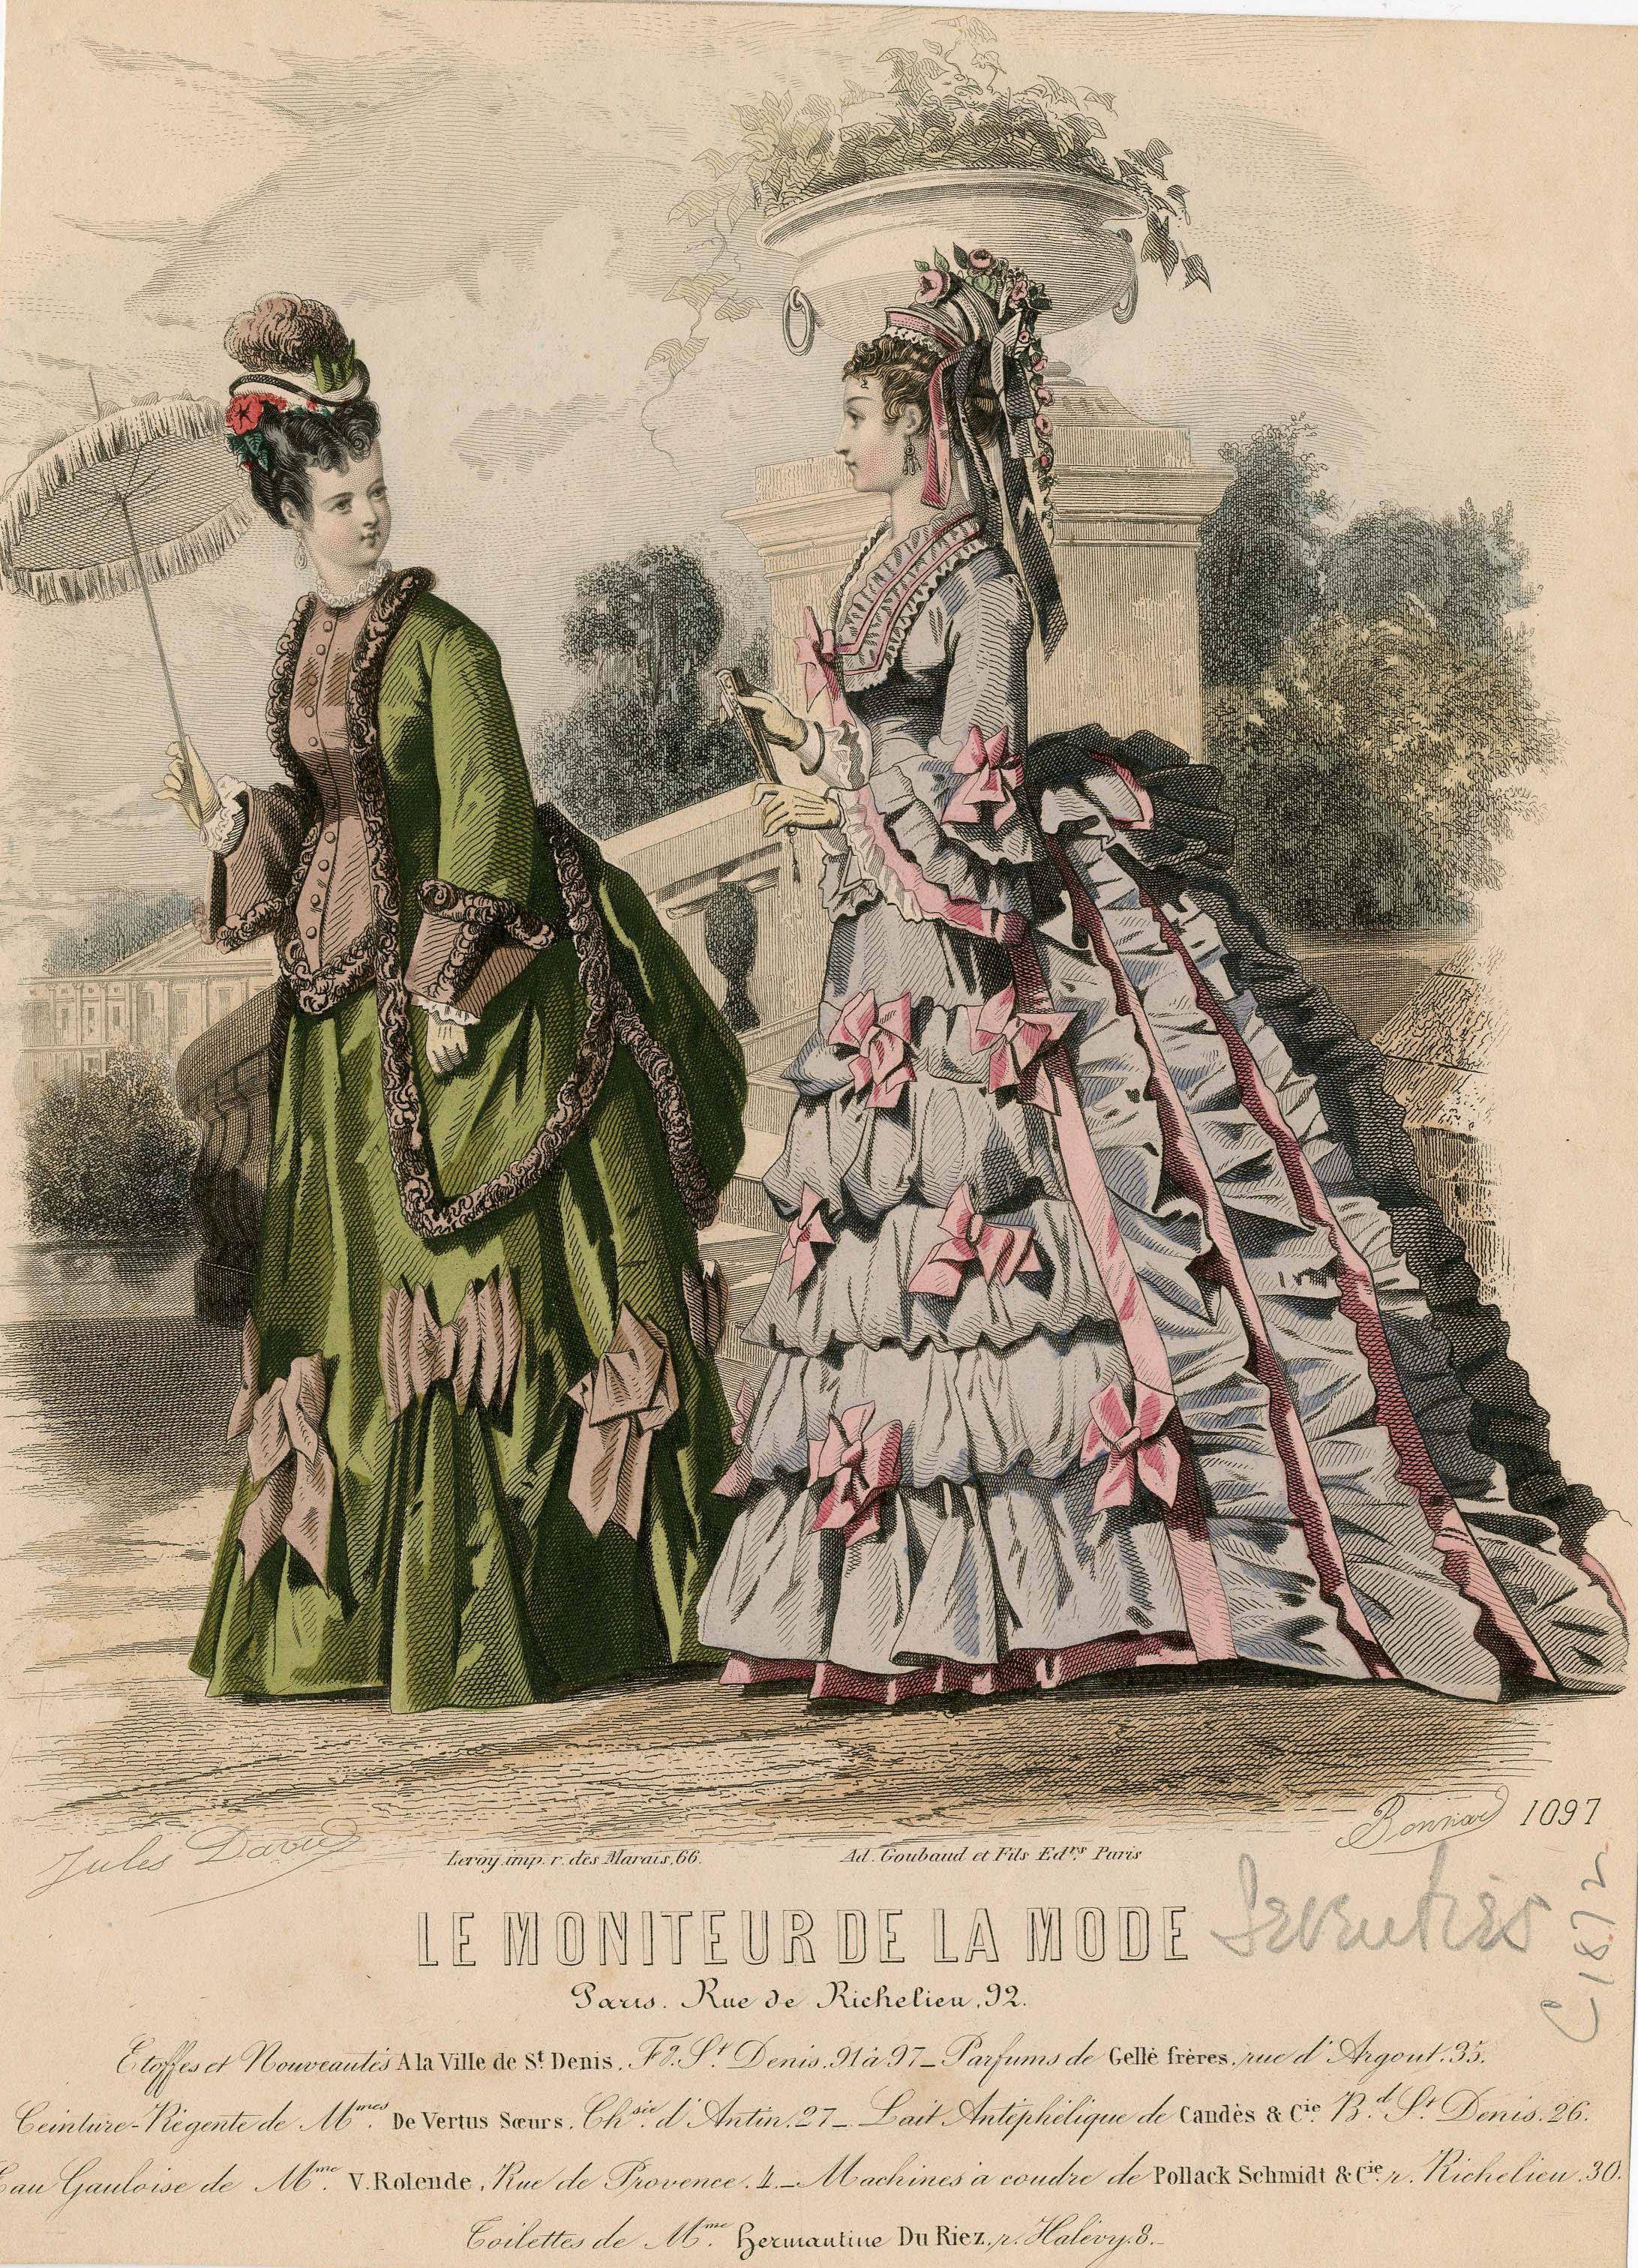 Le Moniteur de la Mode 1873